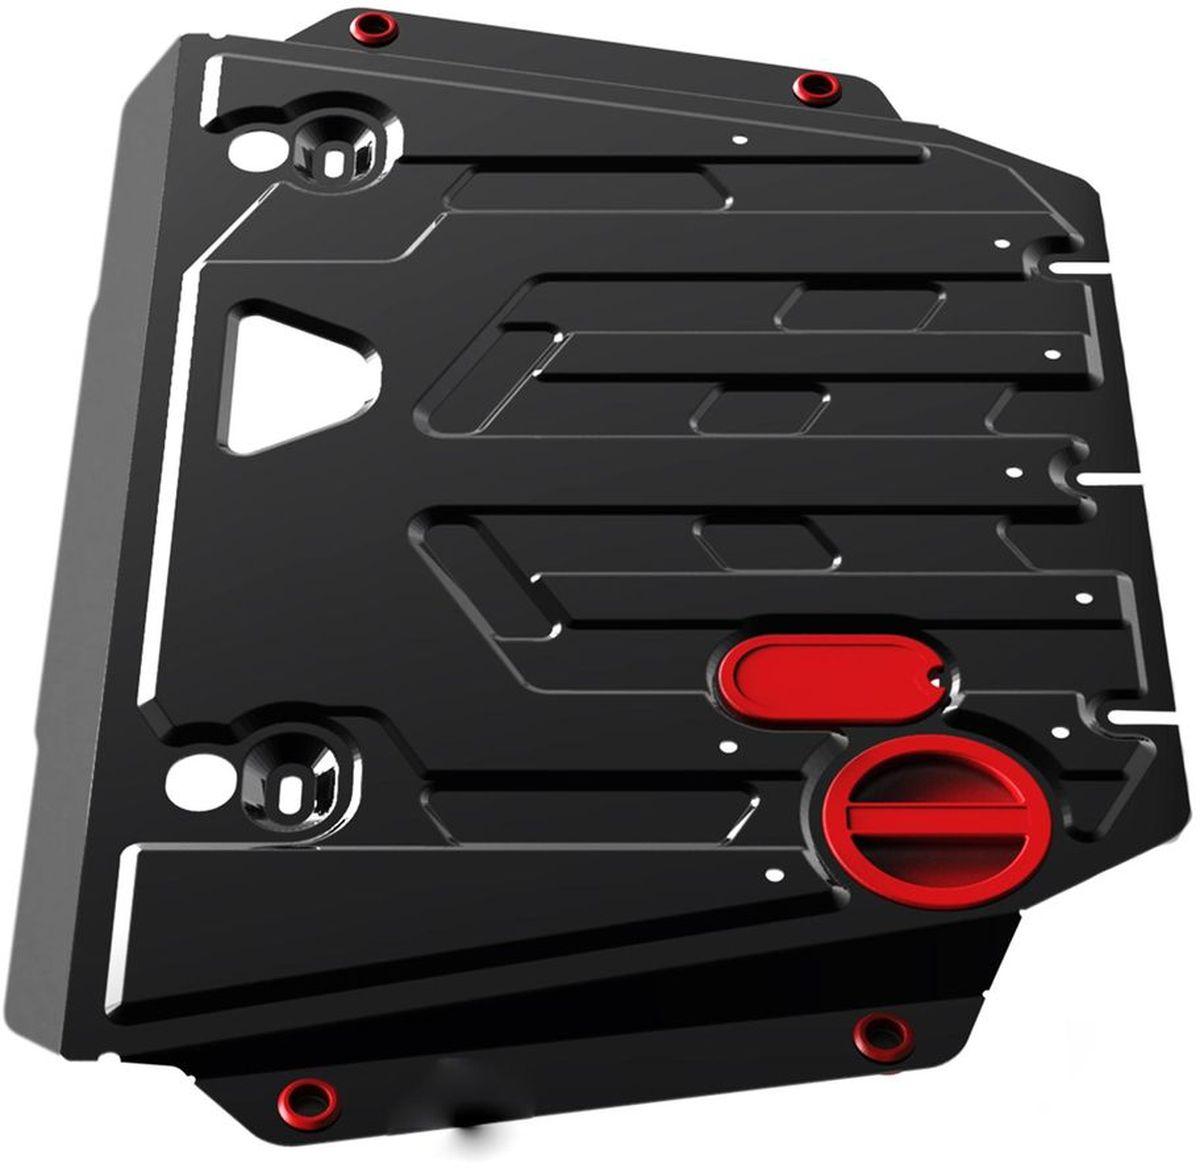 Защита картера Автоброня, для Toyota LC200 часть 2, V - 4,5TD;4,6;4,7/Lexus LX 570 часть 2, V - 5,7111.05714.3Технологически совершенный продукт за невысокую стоимость. Защита разработана с учетом особенностей днища автомобиля, что позволяет сохранить дорожный просвет с минимальным изменением. Защита устанавливается в штатные места кузова автомобиля. Глубокий штамп обеспечивает до двух раз больше жесткости в сравнении с обычной защитой той же толщины. Проштампованные ребра жесткости препятствуют деформации защиты при ударах. Тепловой зазор и вентиляционные отверстия обеспечивают сохранение температурного режима двигателя в норме. Скрытый крепеж предотвращает срыв крепежных элементов при наезде на препятствие. Шумопоглощающие резиновые элементы обеспечивают комфортную езду без вибраций и скрежета металла, а съемные лючки для слива масла и замены фильтра - экономию средств и время. Конструкция изделия не влияет на пассивную безопасность автомобиля (при ударе защита не воздействует на деформационные зоны кузова). Со штатным крепежом. В комплекте инструкция по установке....